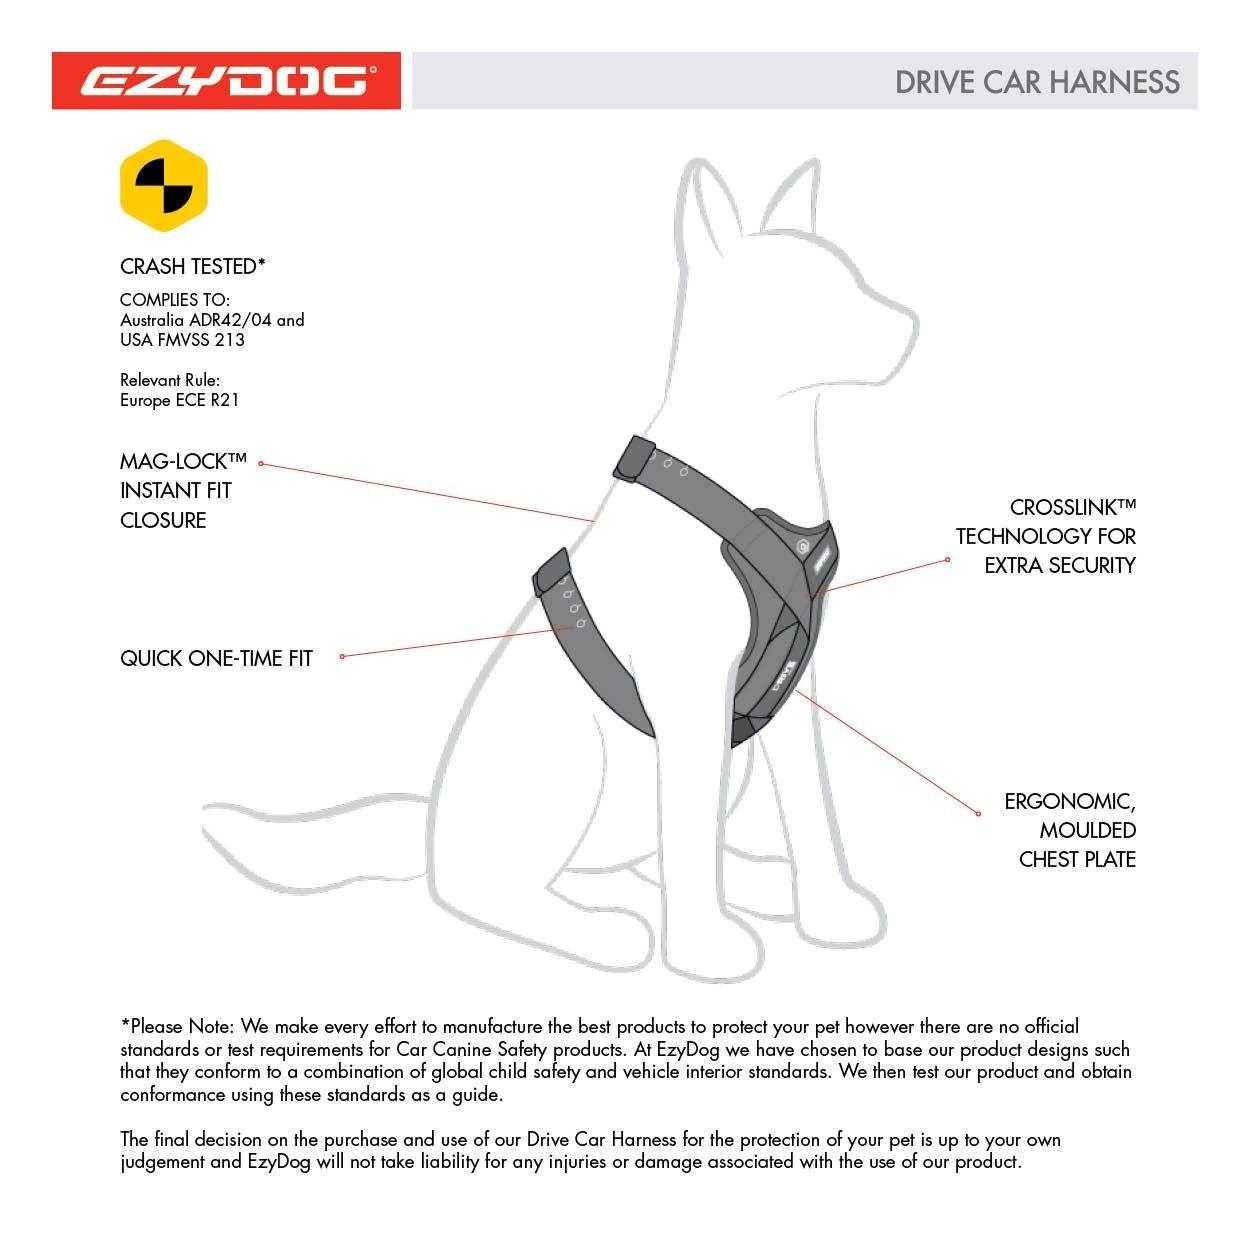 Eigenschaften des Sicherheits-Autogeschirrs EzyDog Drive Harness